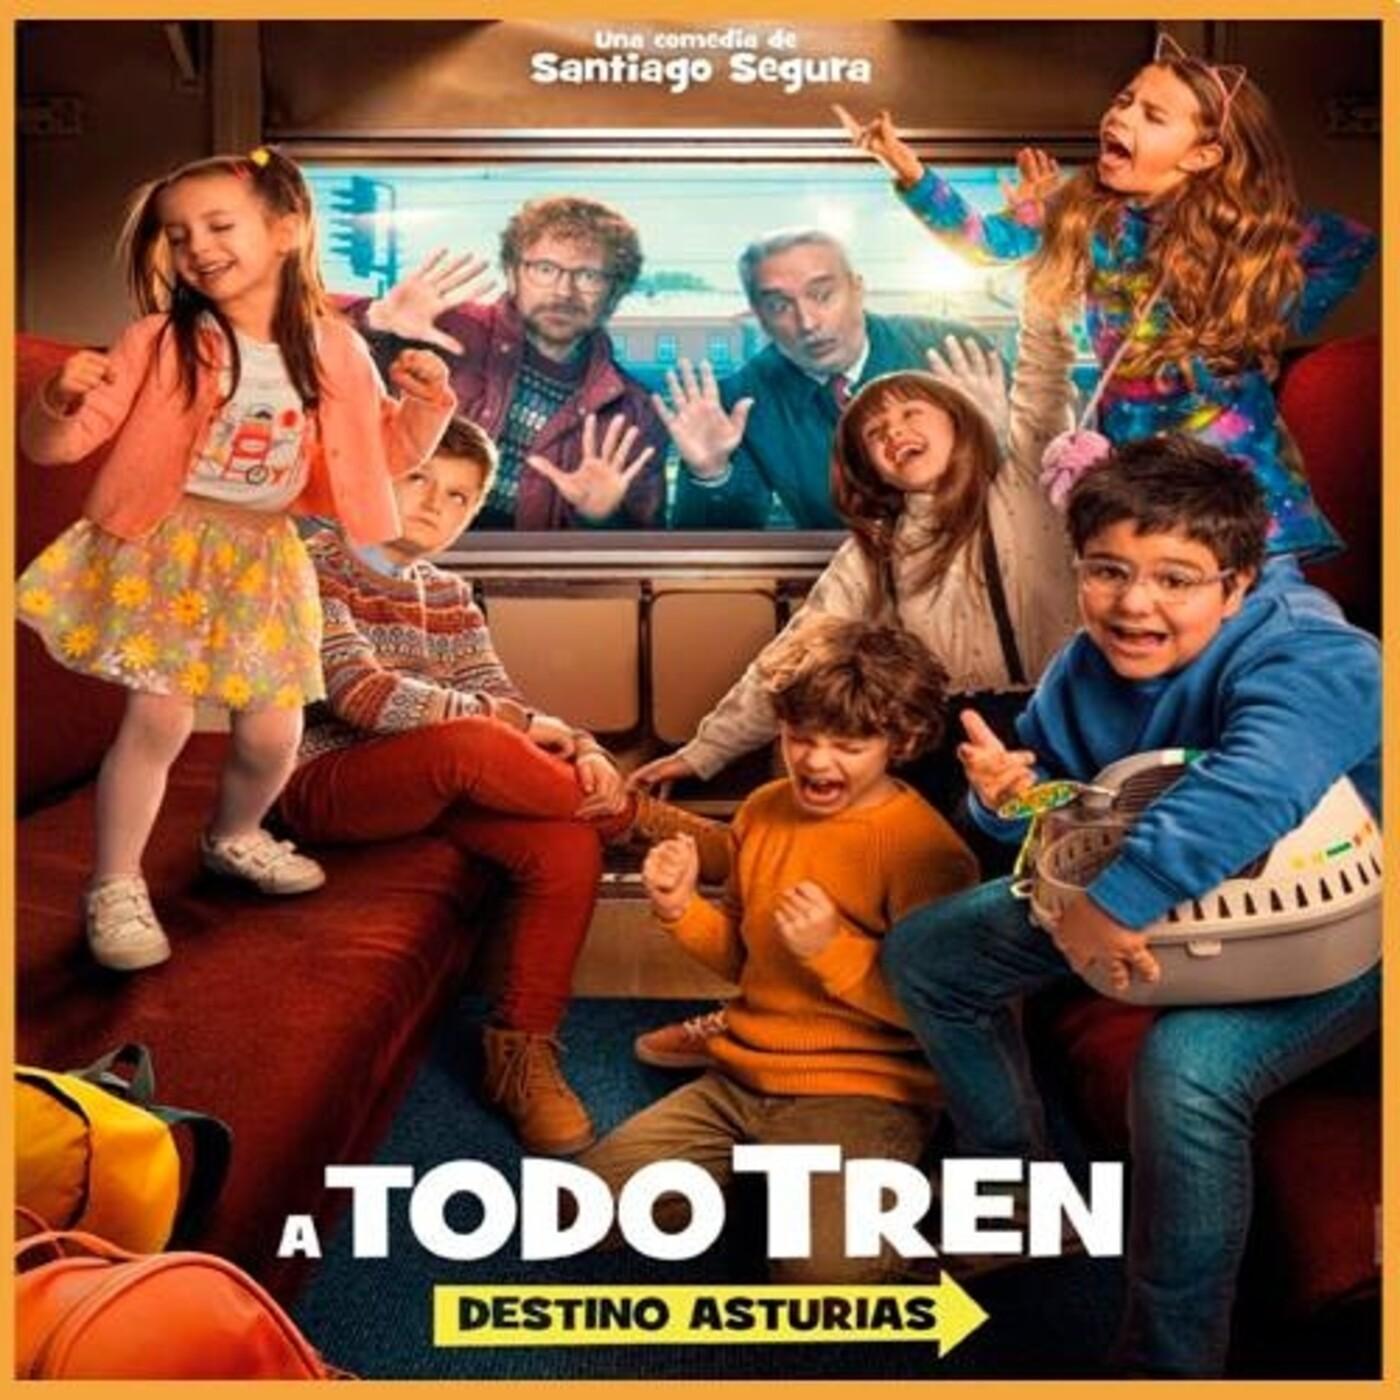 Cine Espanol A Todo Tren Destino Asturias De Santiago Segura En El Podcast De Cinoscar Rarities En Mp3 15 07 A Las 08 01 00 20 49 72830287 Ivoox